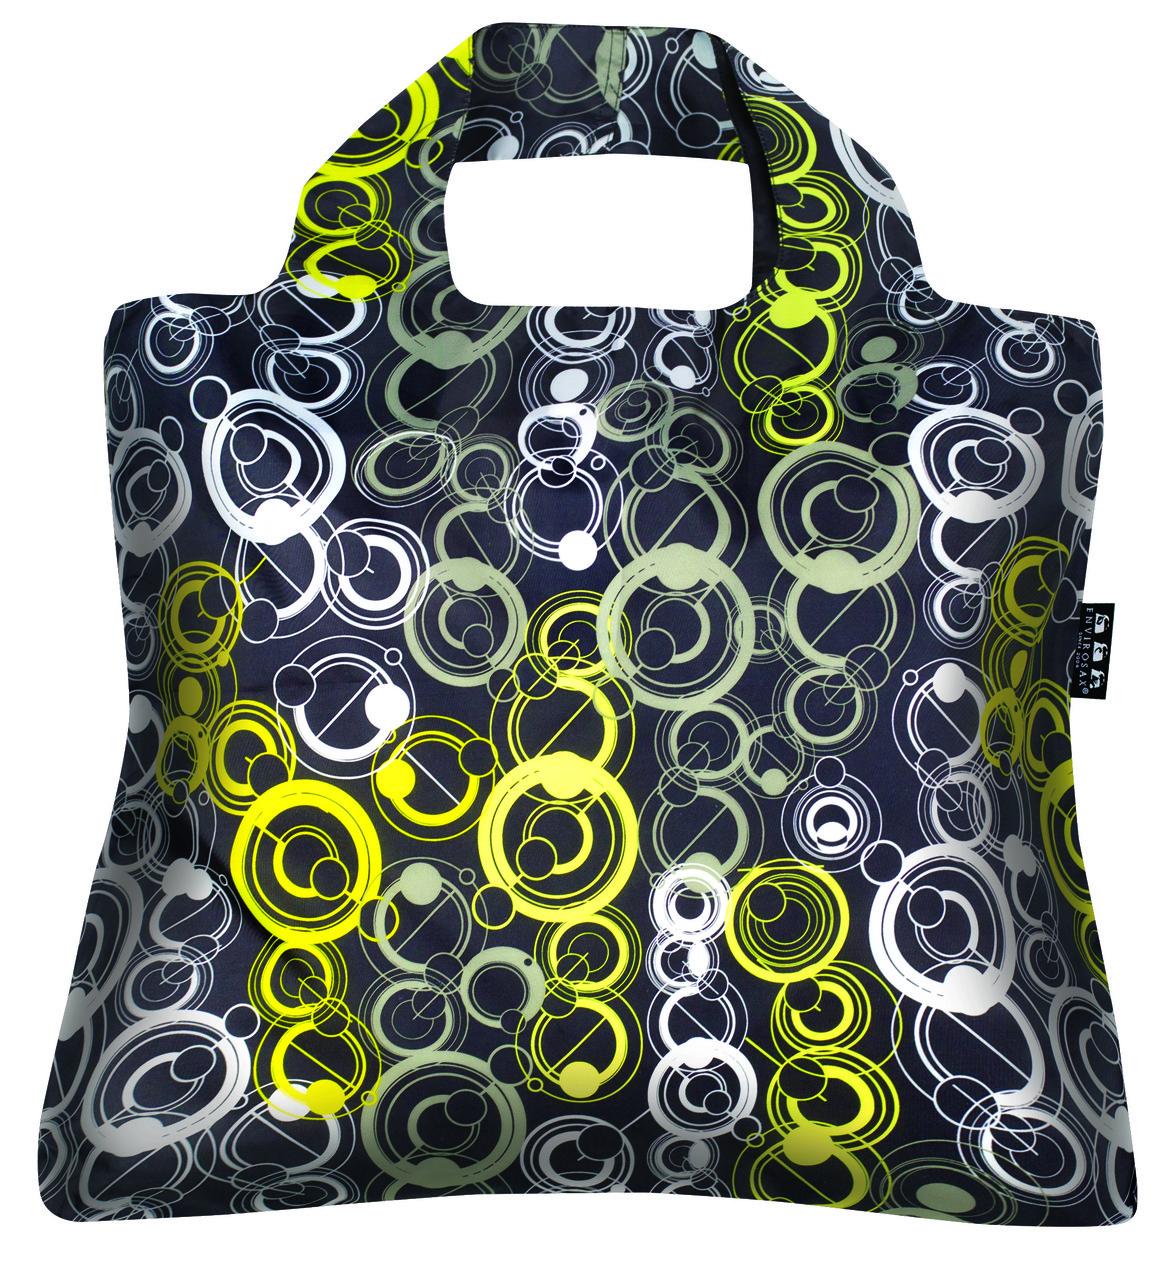 Сумка пляжная Envirosax (Австралия) женская SM.B4 летние сумки женские